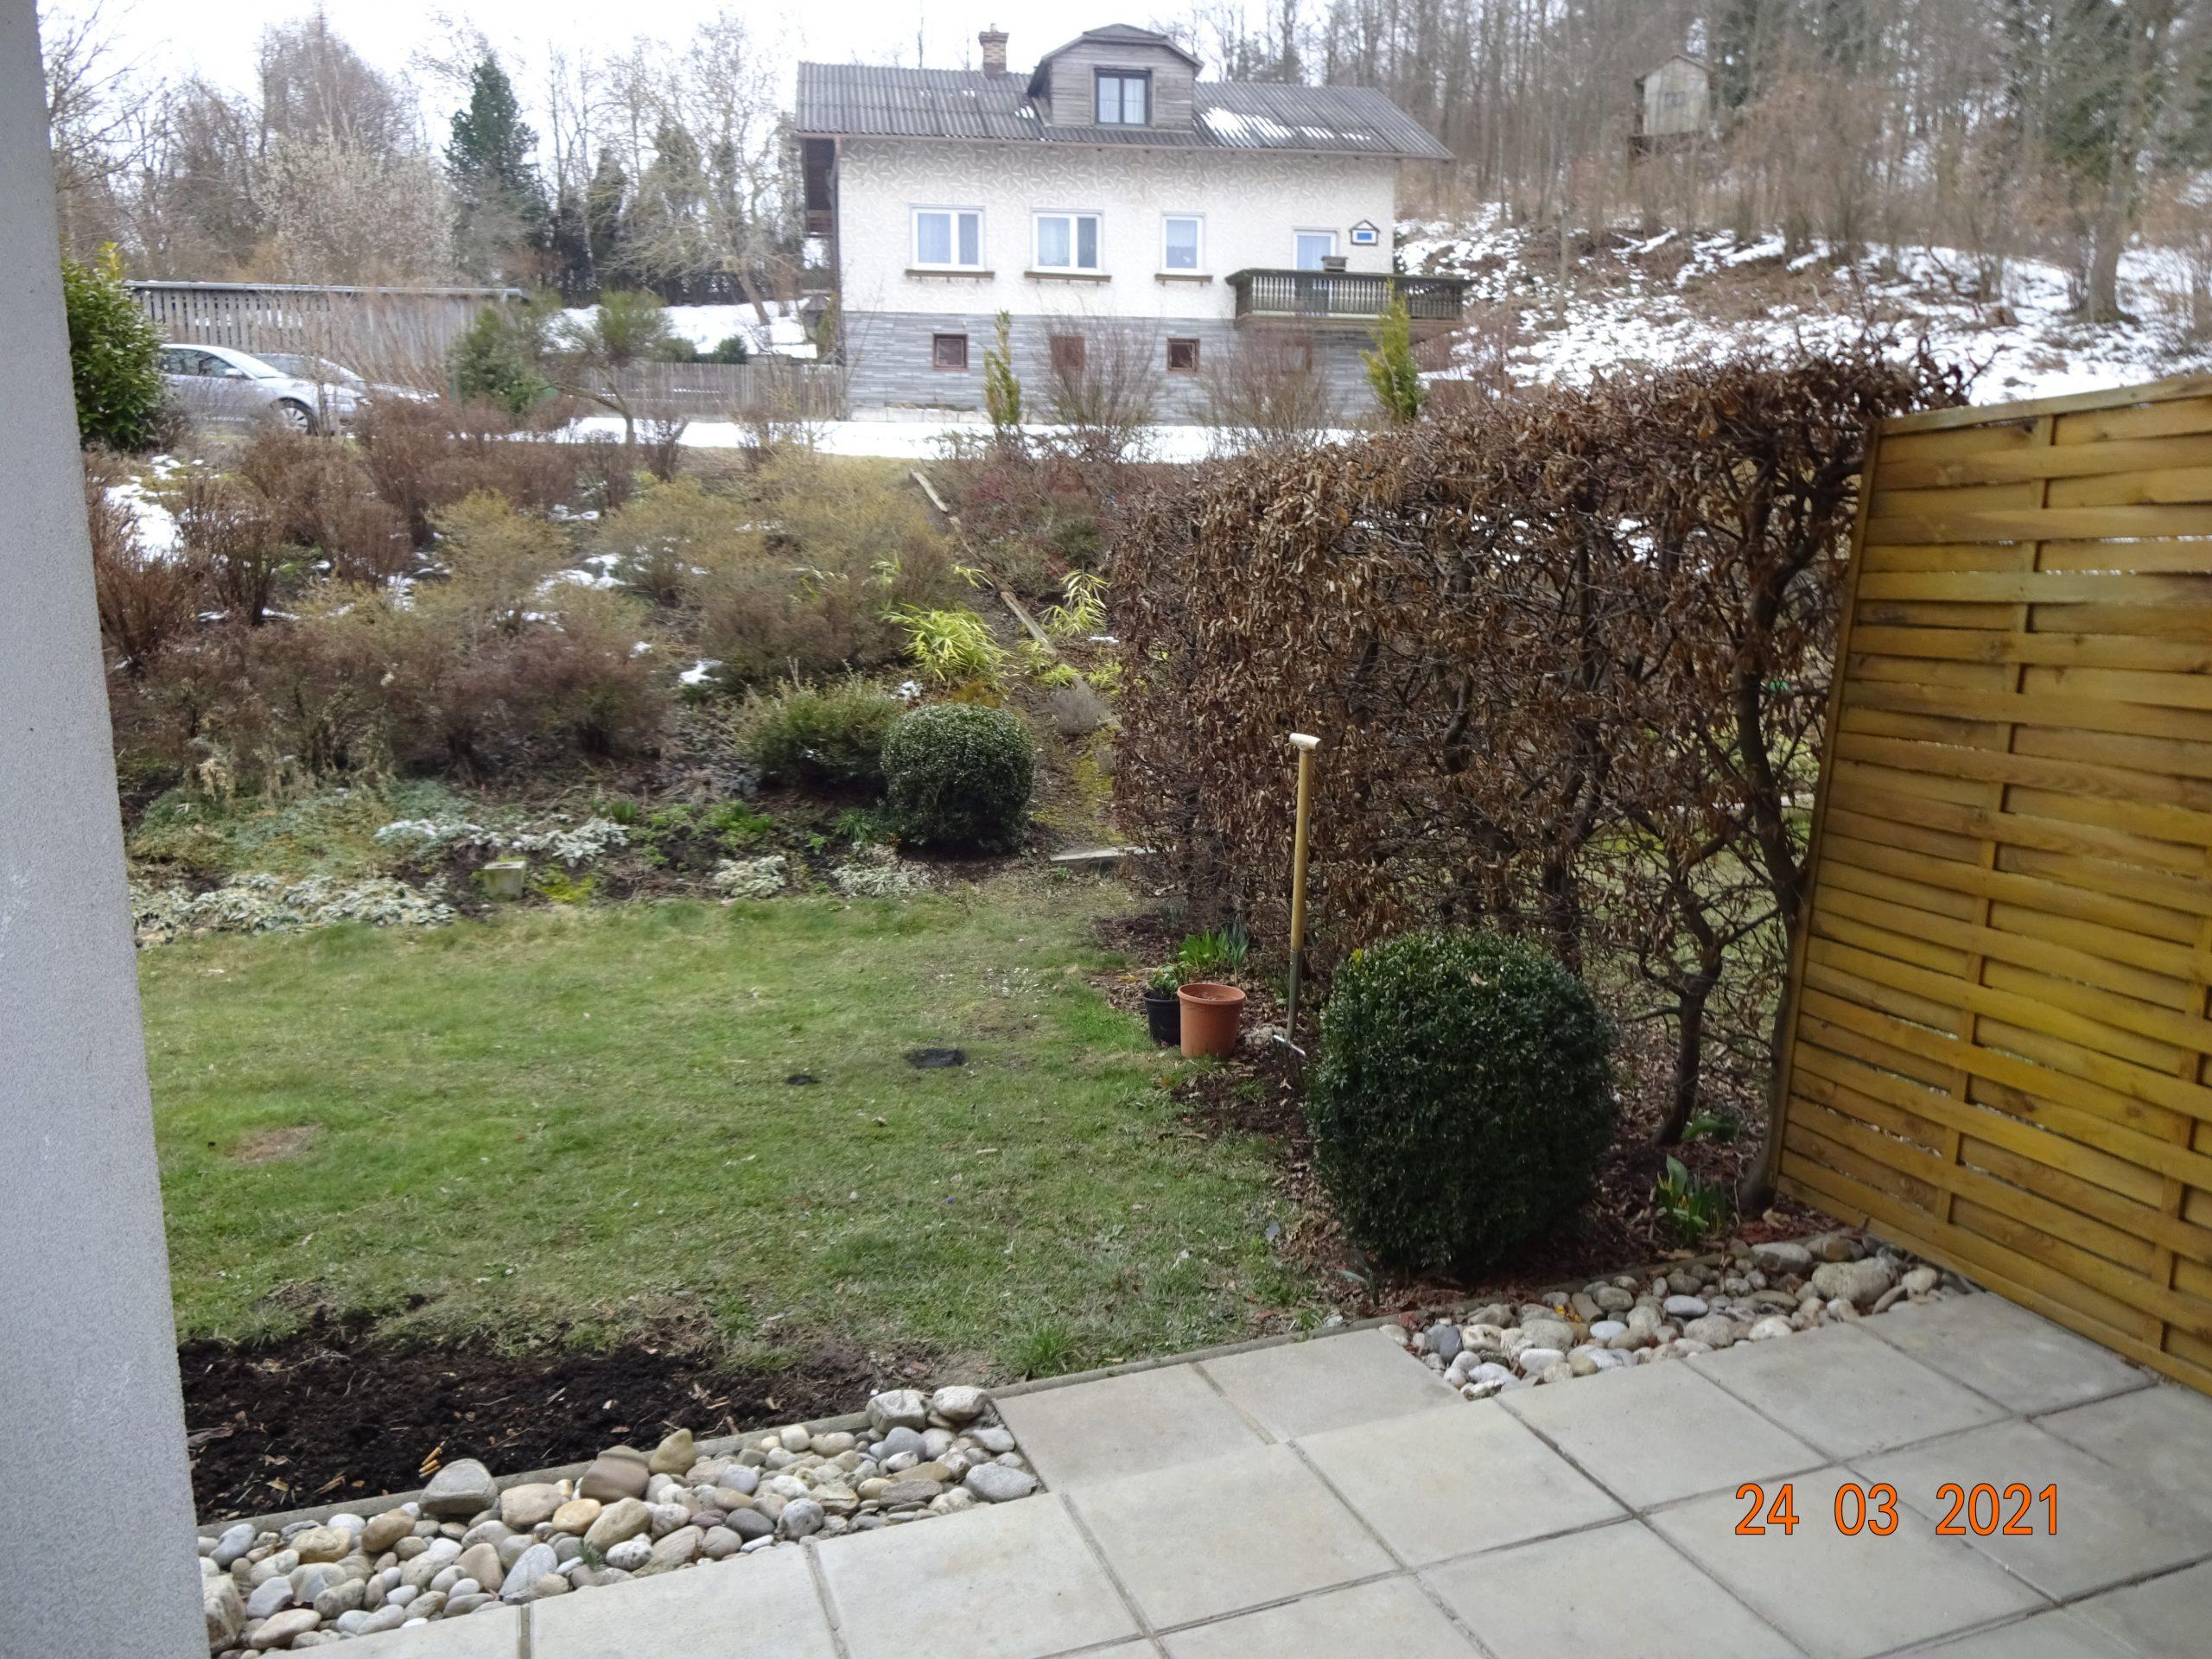 Immobilie von Kamptal in 3613 Albrechtsberg an der Großen Krems, Krems(Land), Albrechtsberg I/1 - Top 202 #3